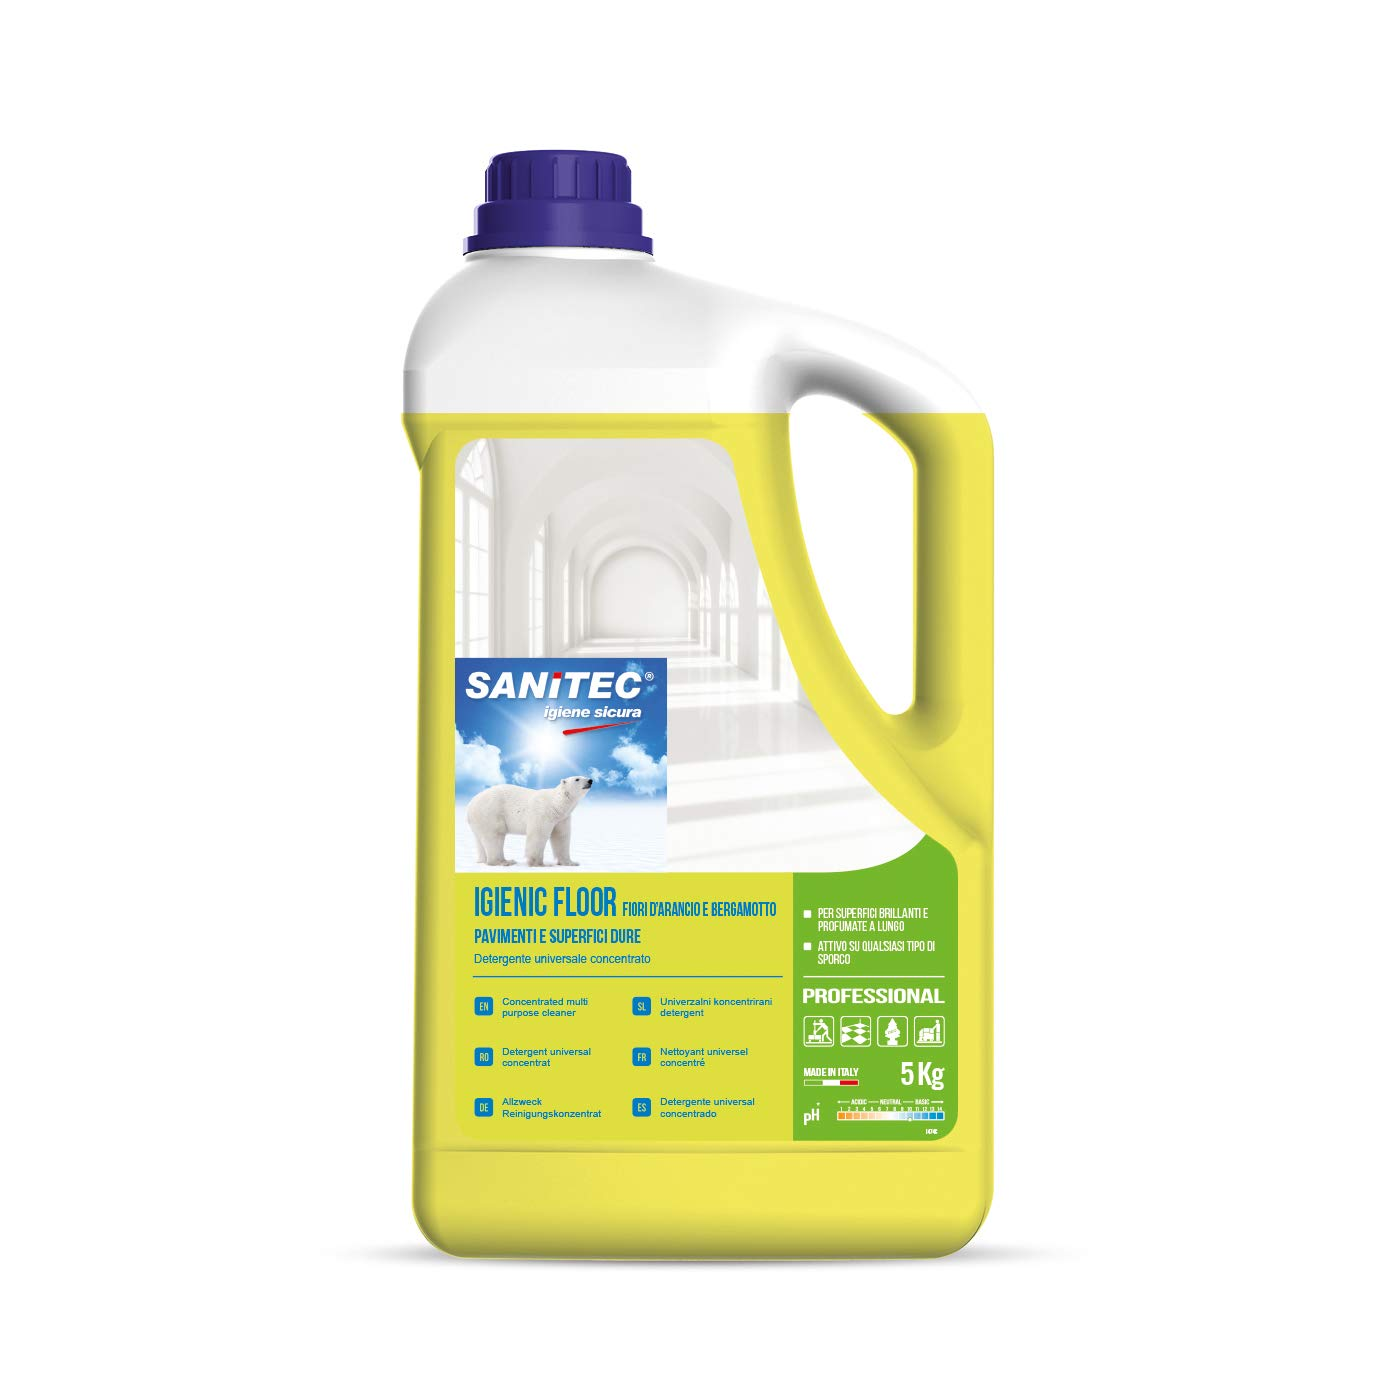 Sanitec Igienic Floor Fiori D'Arancio e Bergamotto, Detergente Pavimenti, 5 kg